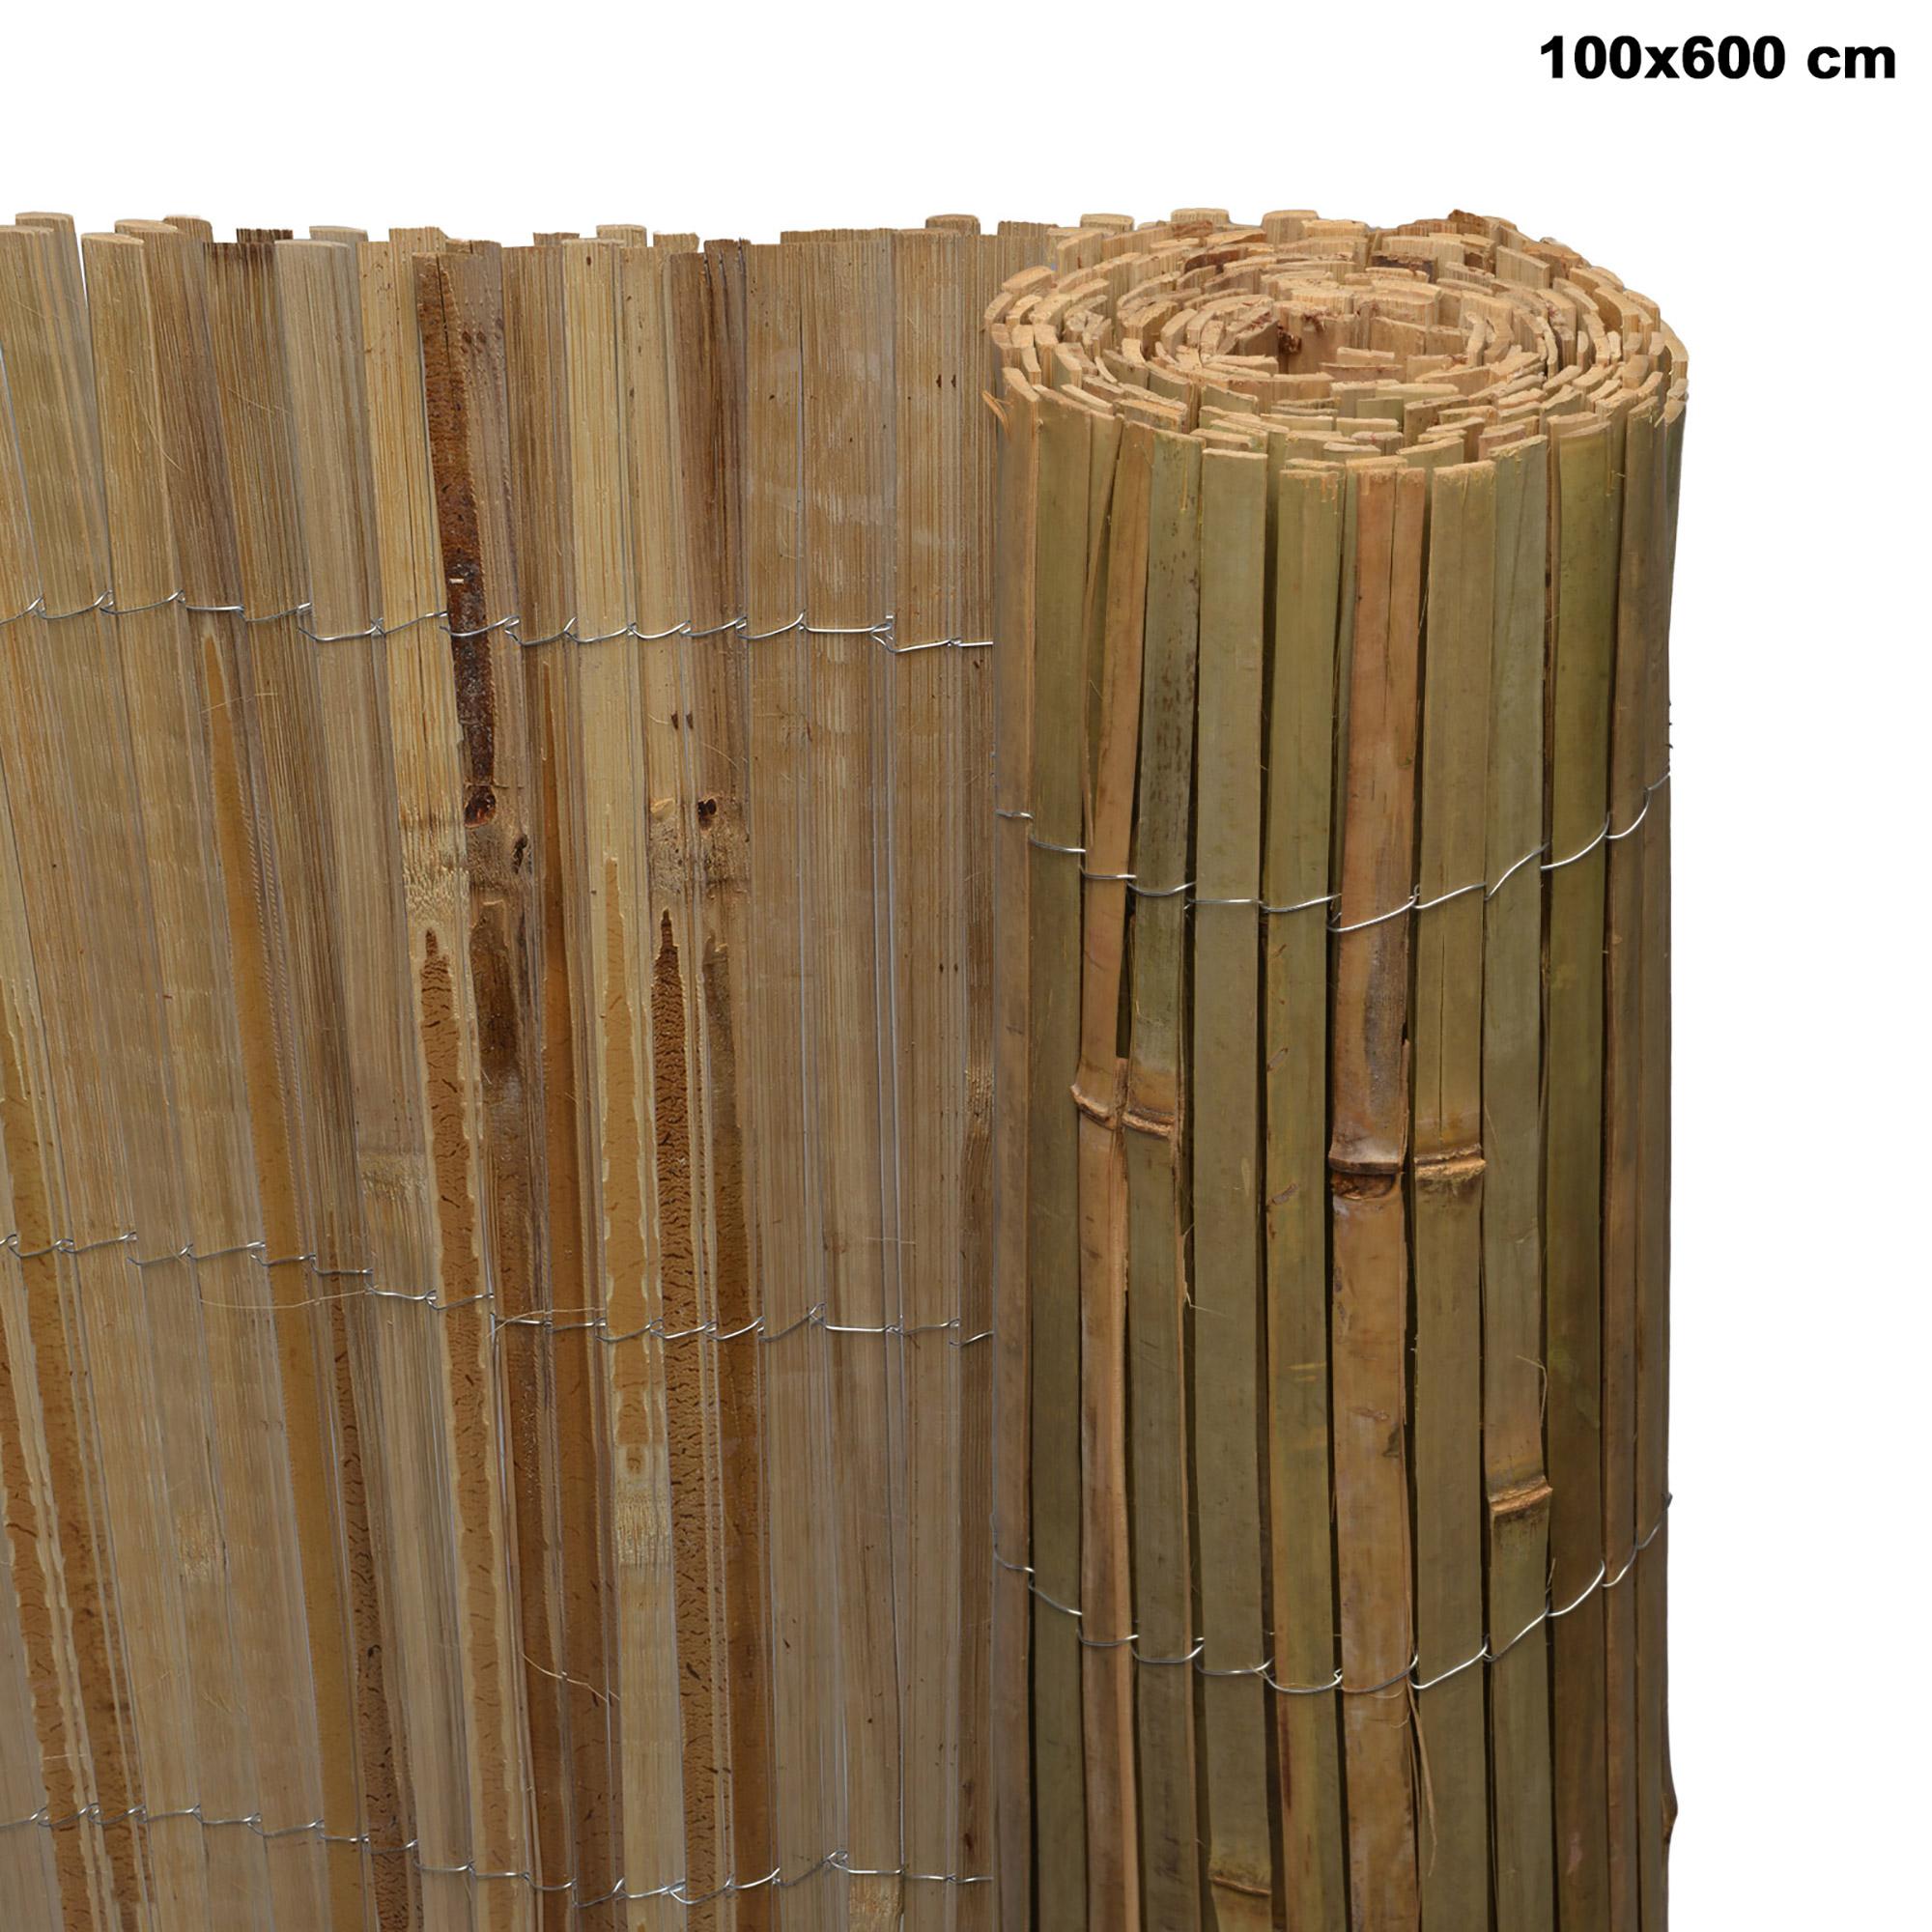 Sichtschutz Bambus Sichtschutzzaun Sichtschutzmatte Balkon Garten